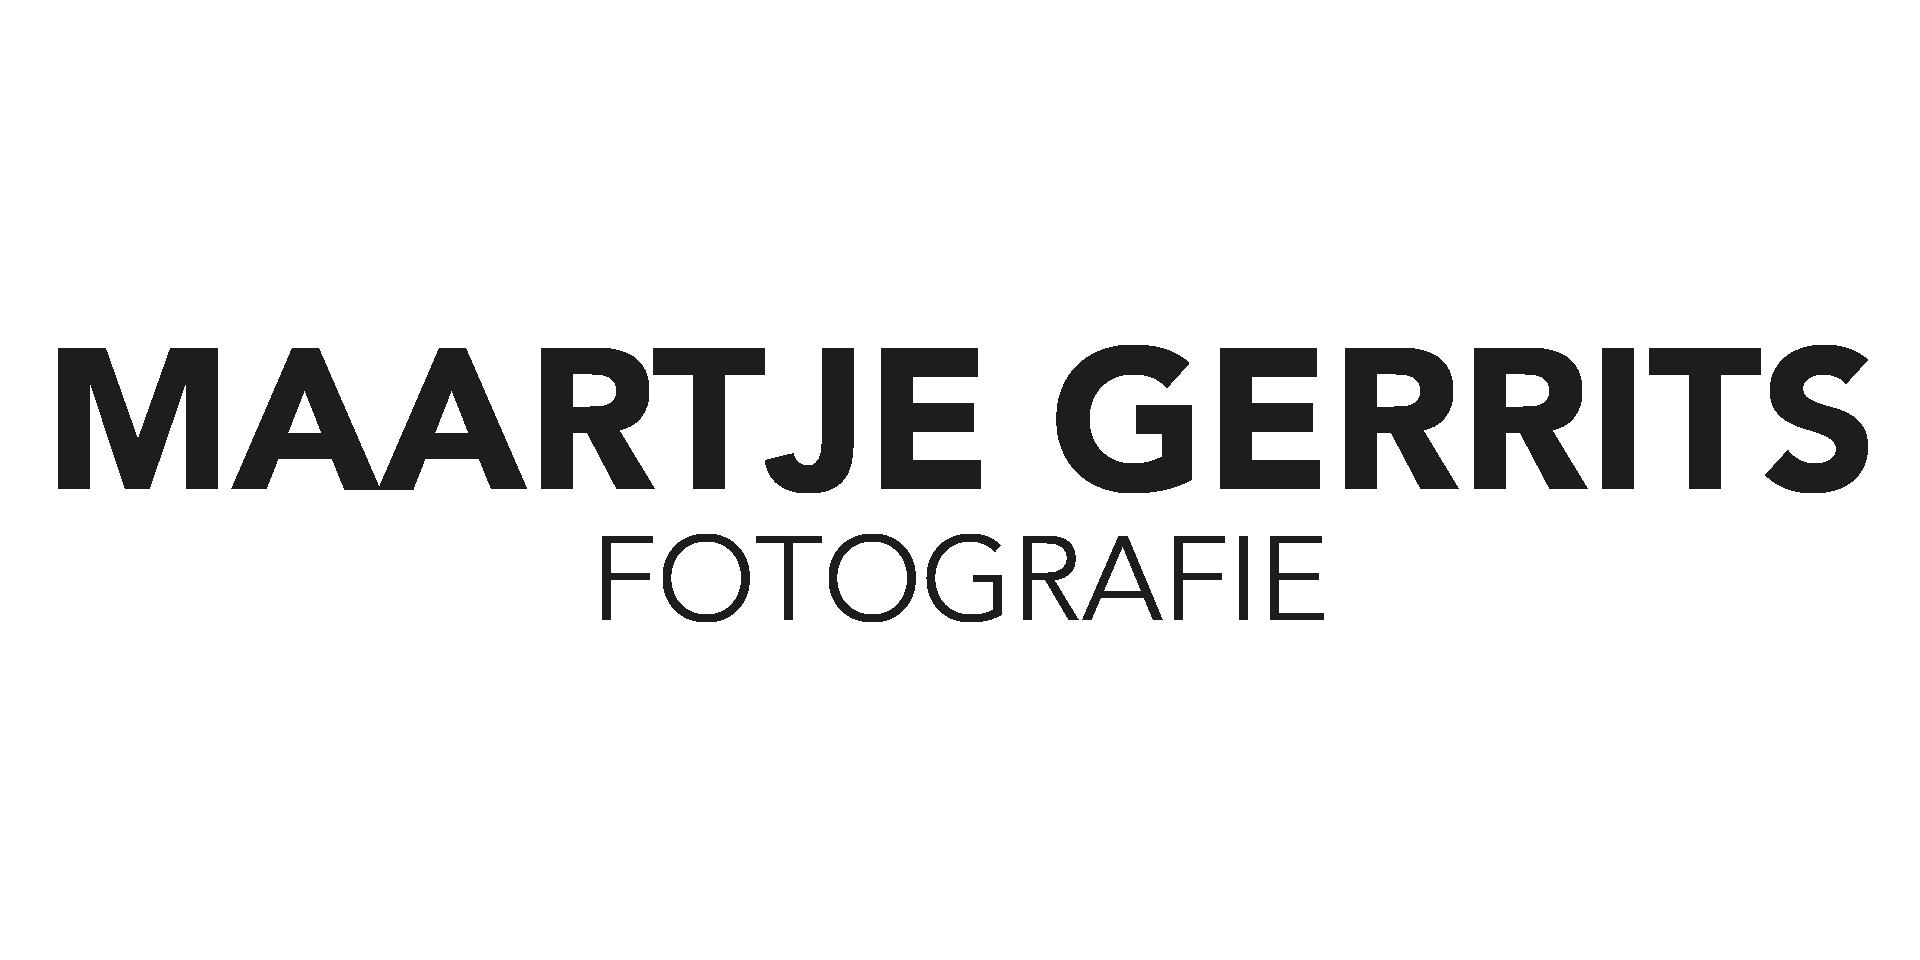 Maartje Gerrits Fotografie